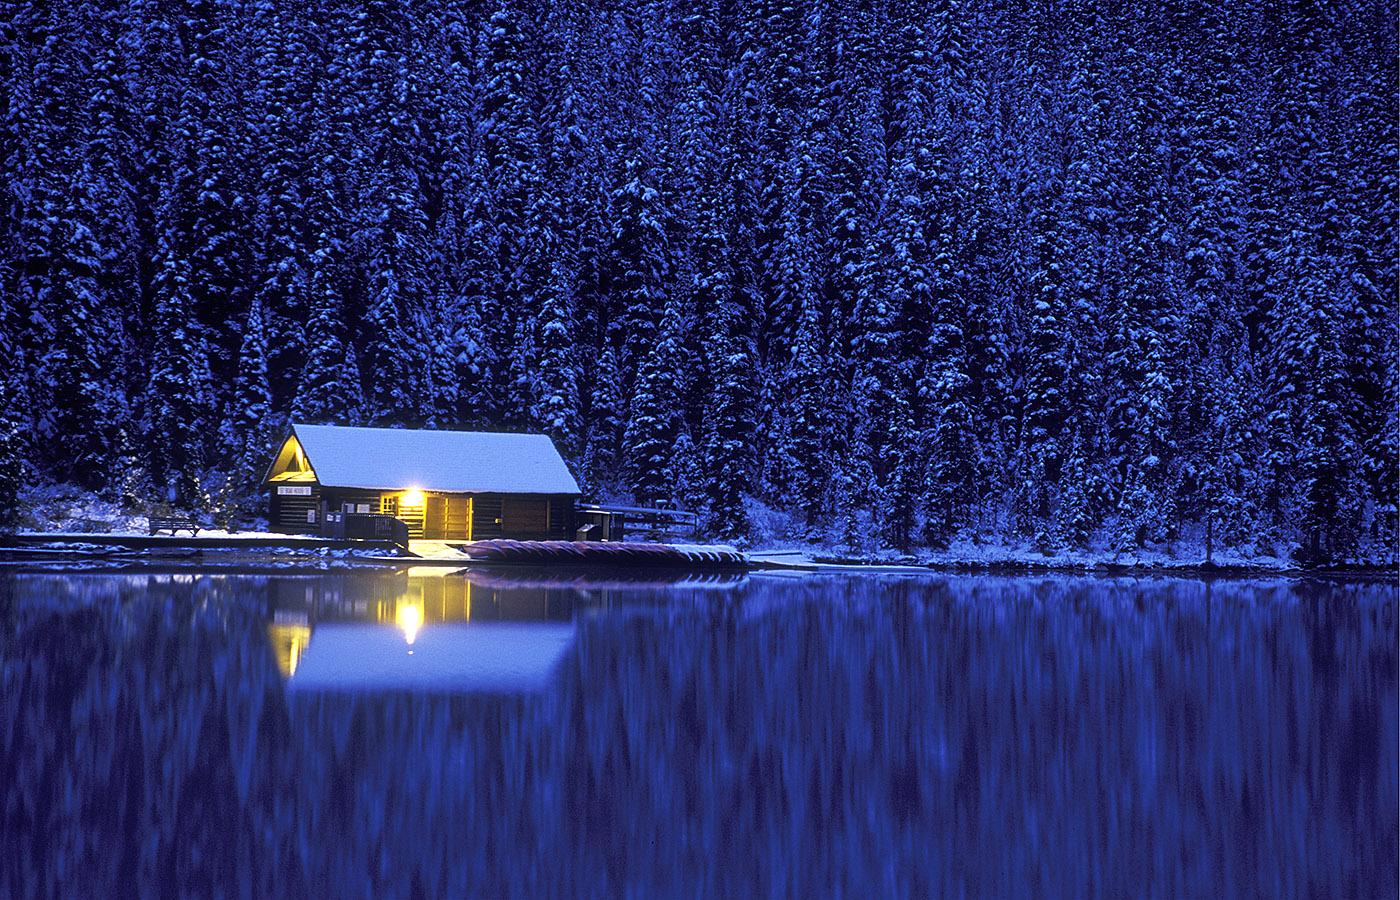 © Steve Berger, 'Silent Serenity'